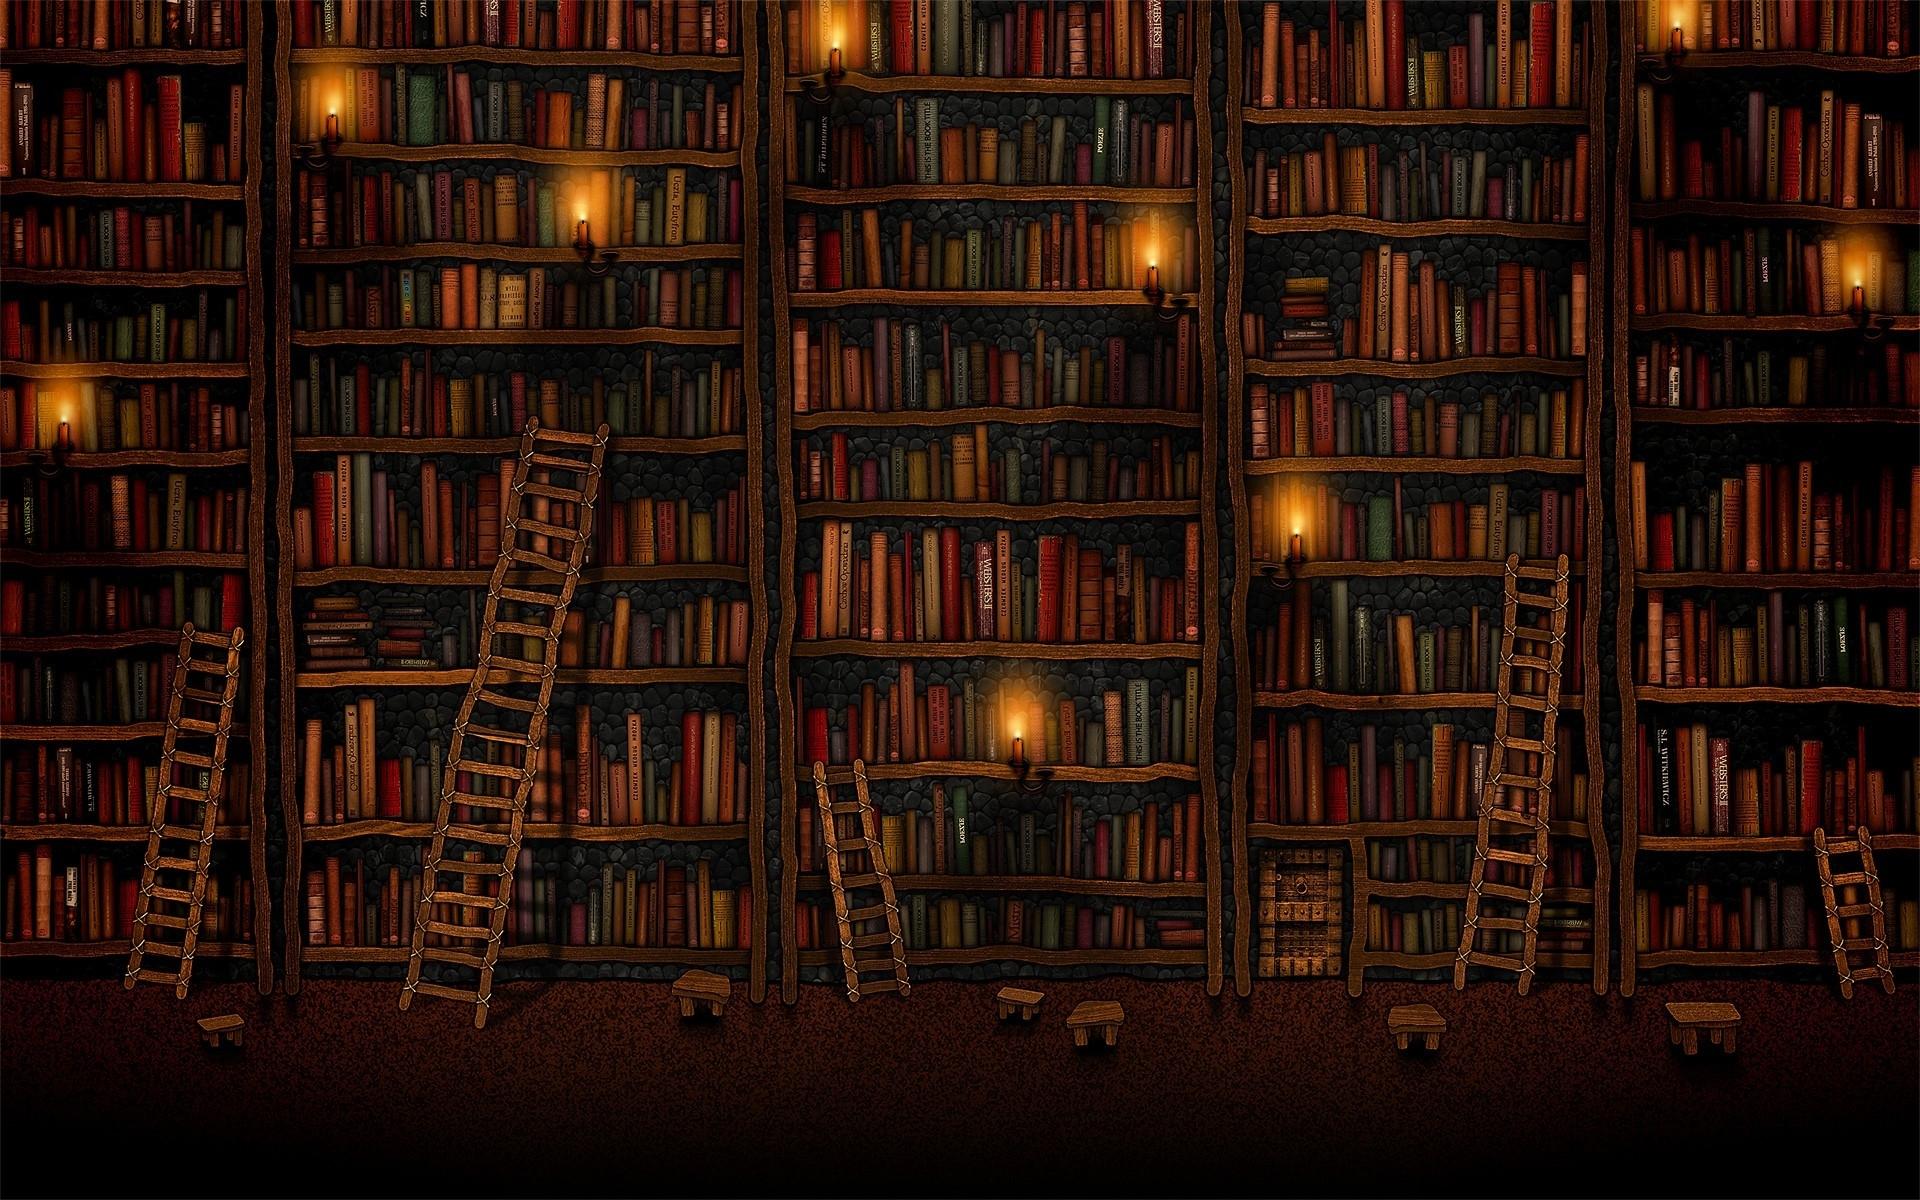 Best And Newest Wallpaper For Bookshelf Wallpapersafari Tall Bookshelves ~ Idolza For Huge Bookshelves (View 3 of 15)